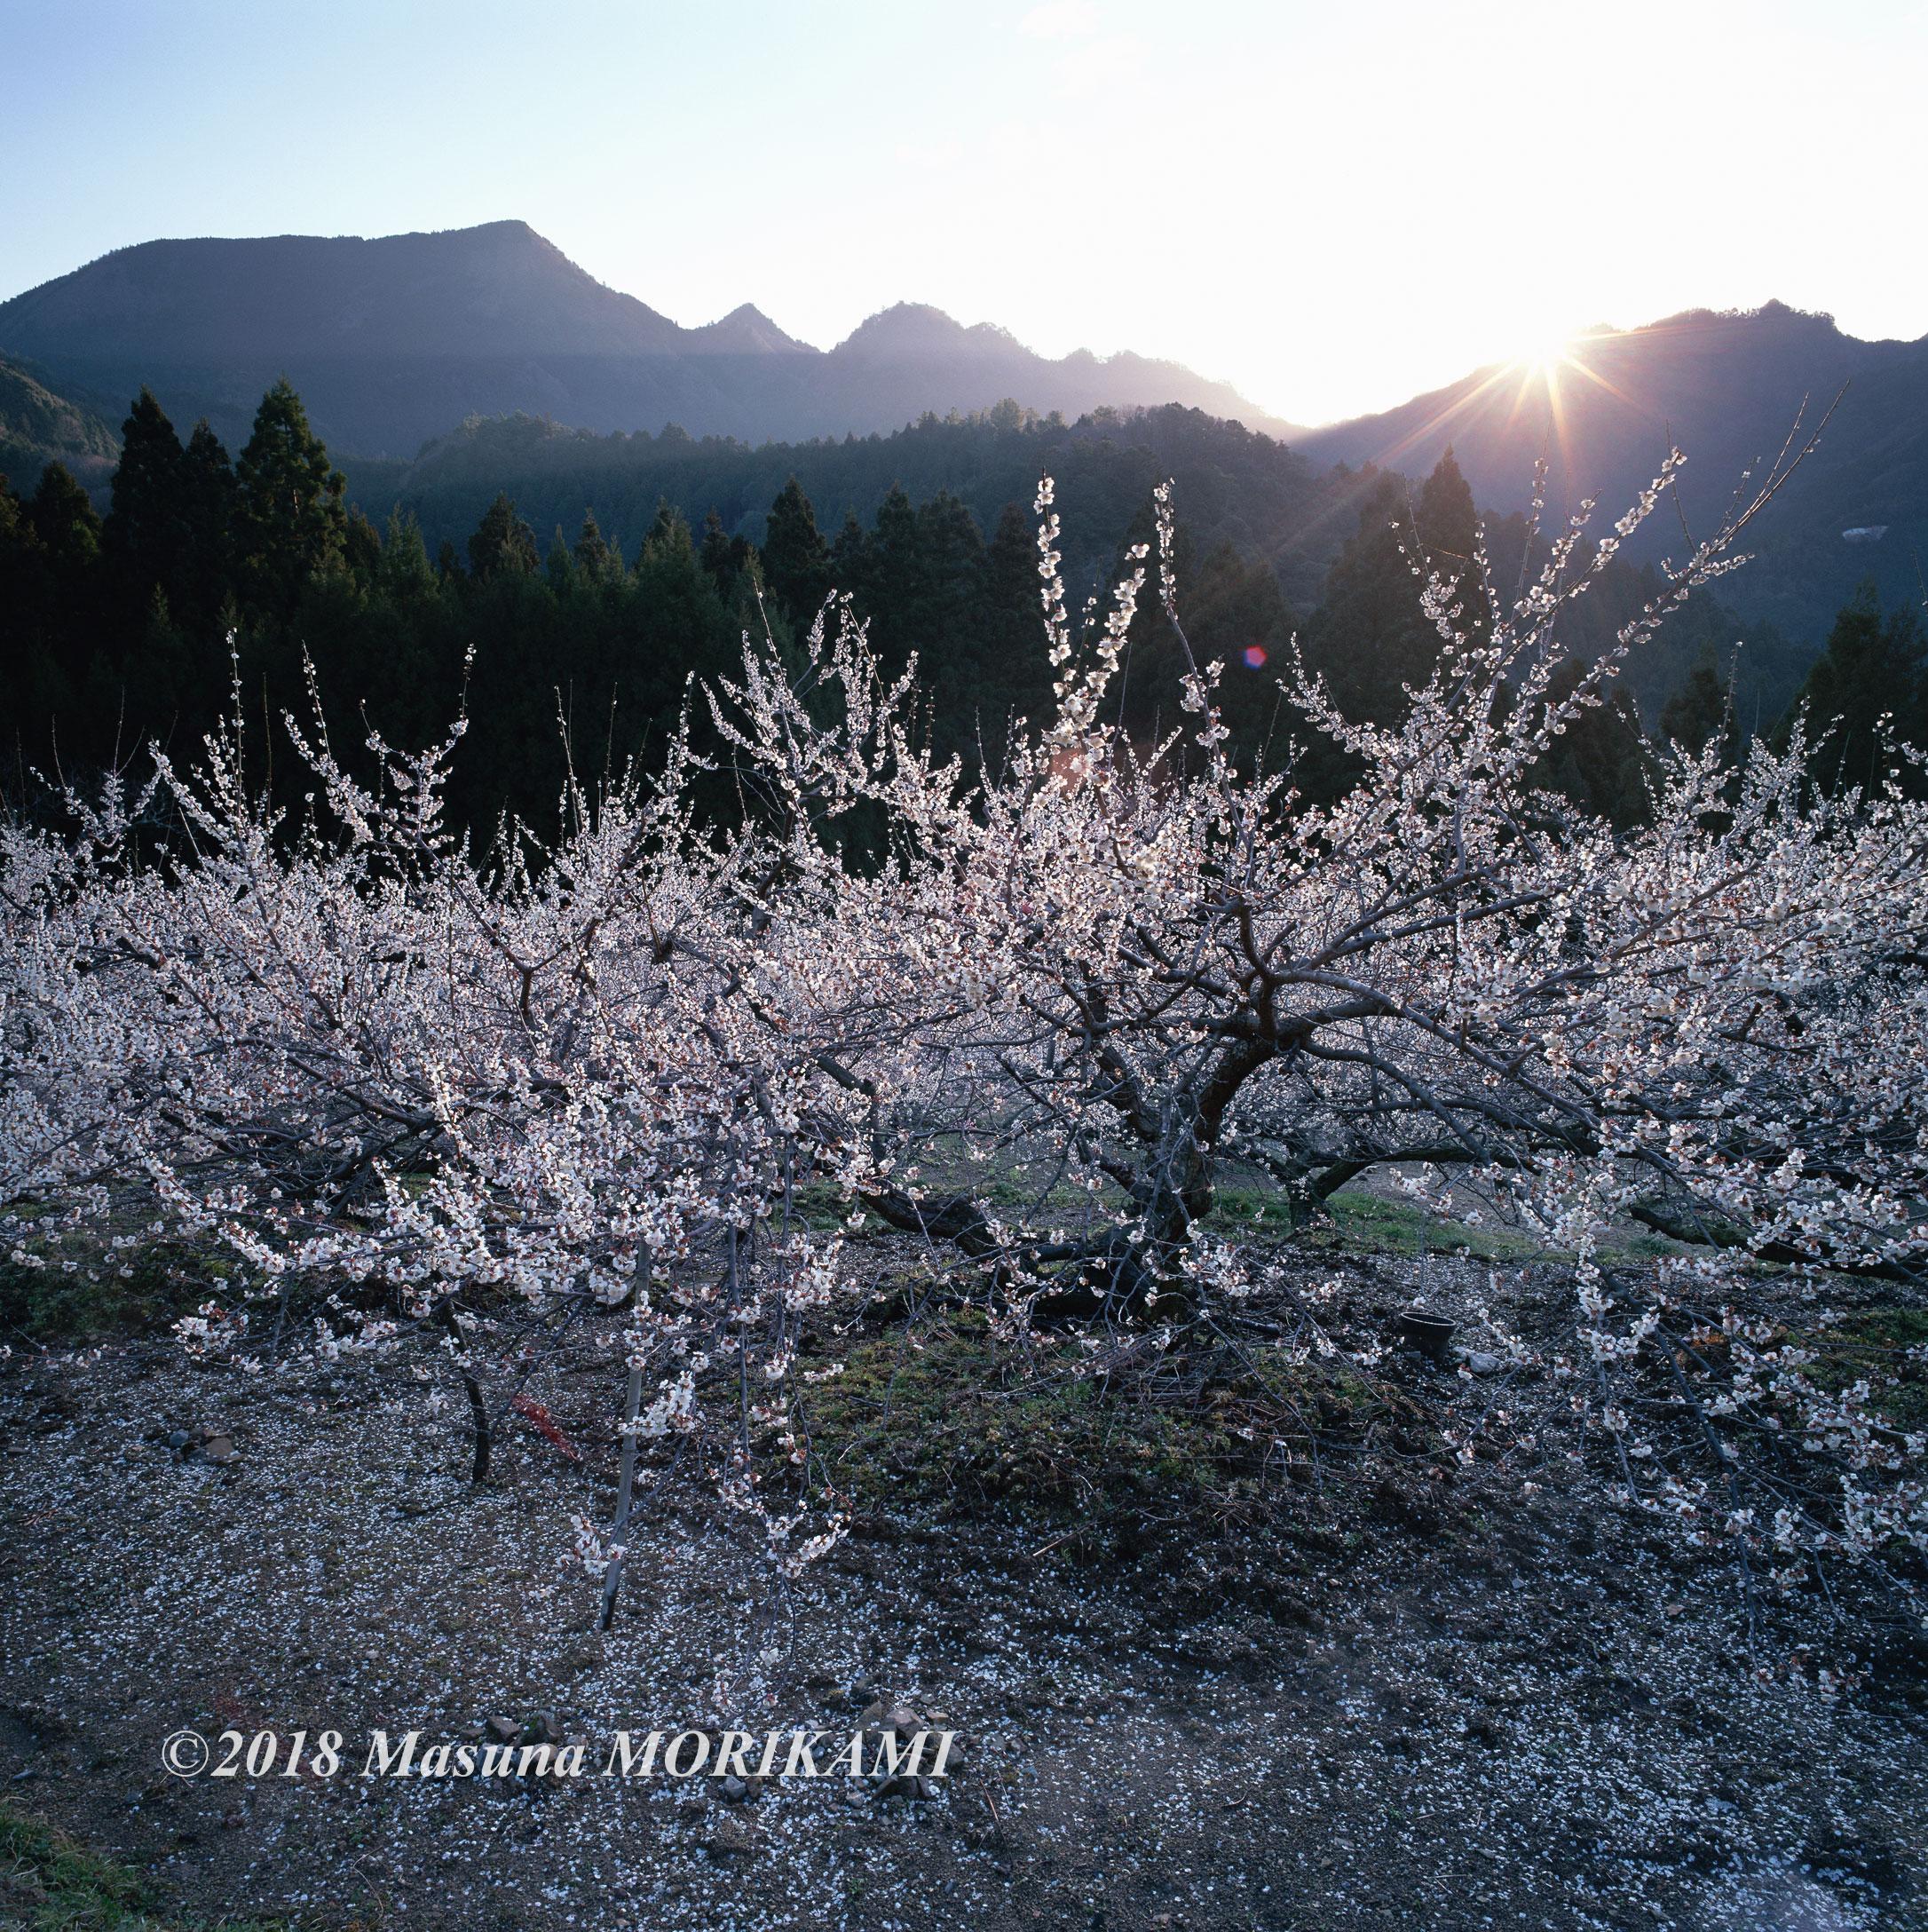 01 目覚めの時/愛知県新城市/2008.3.21 6:20